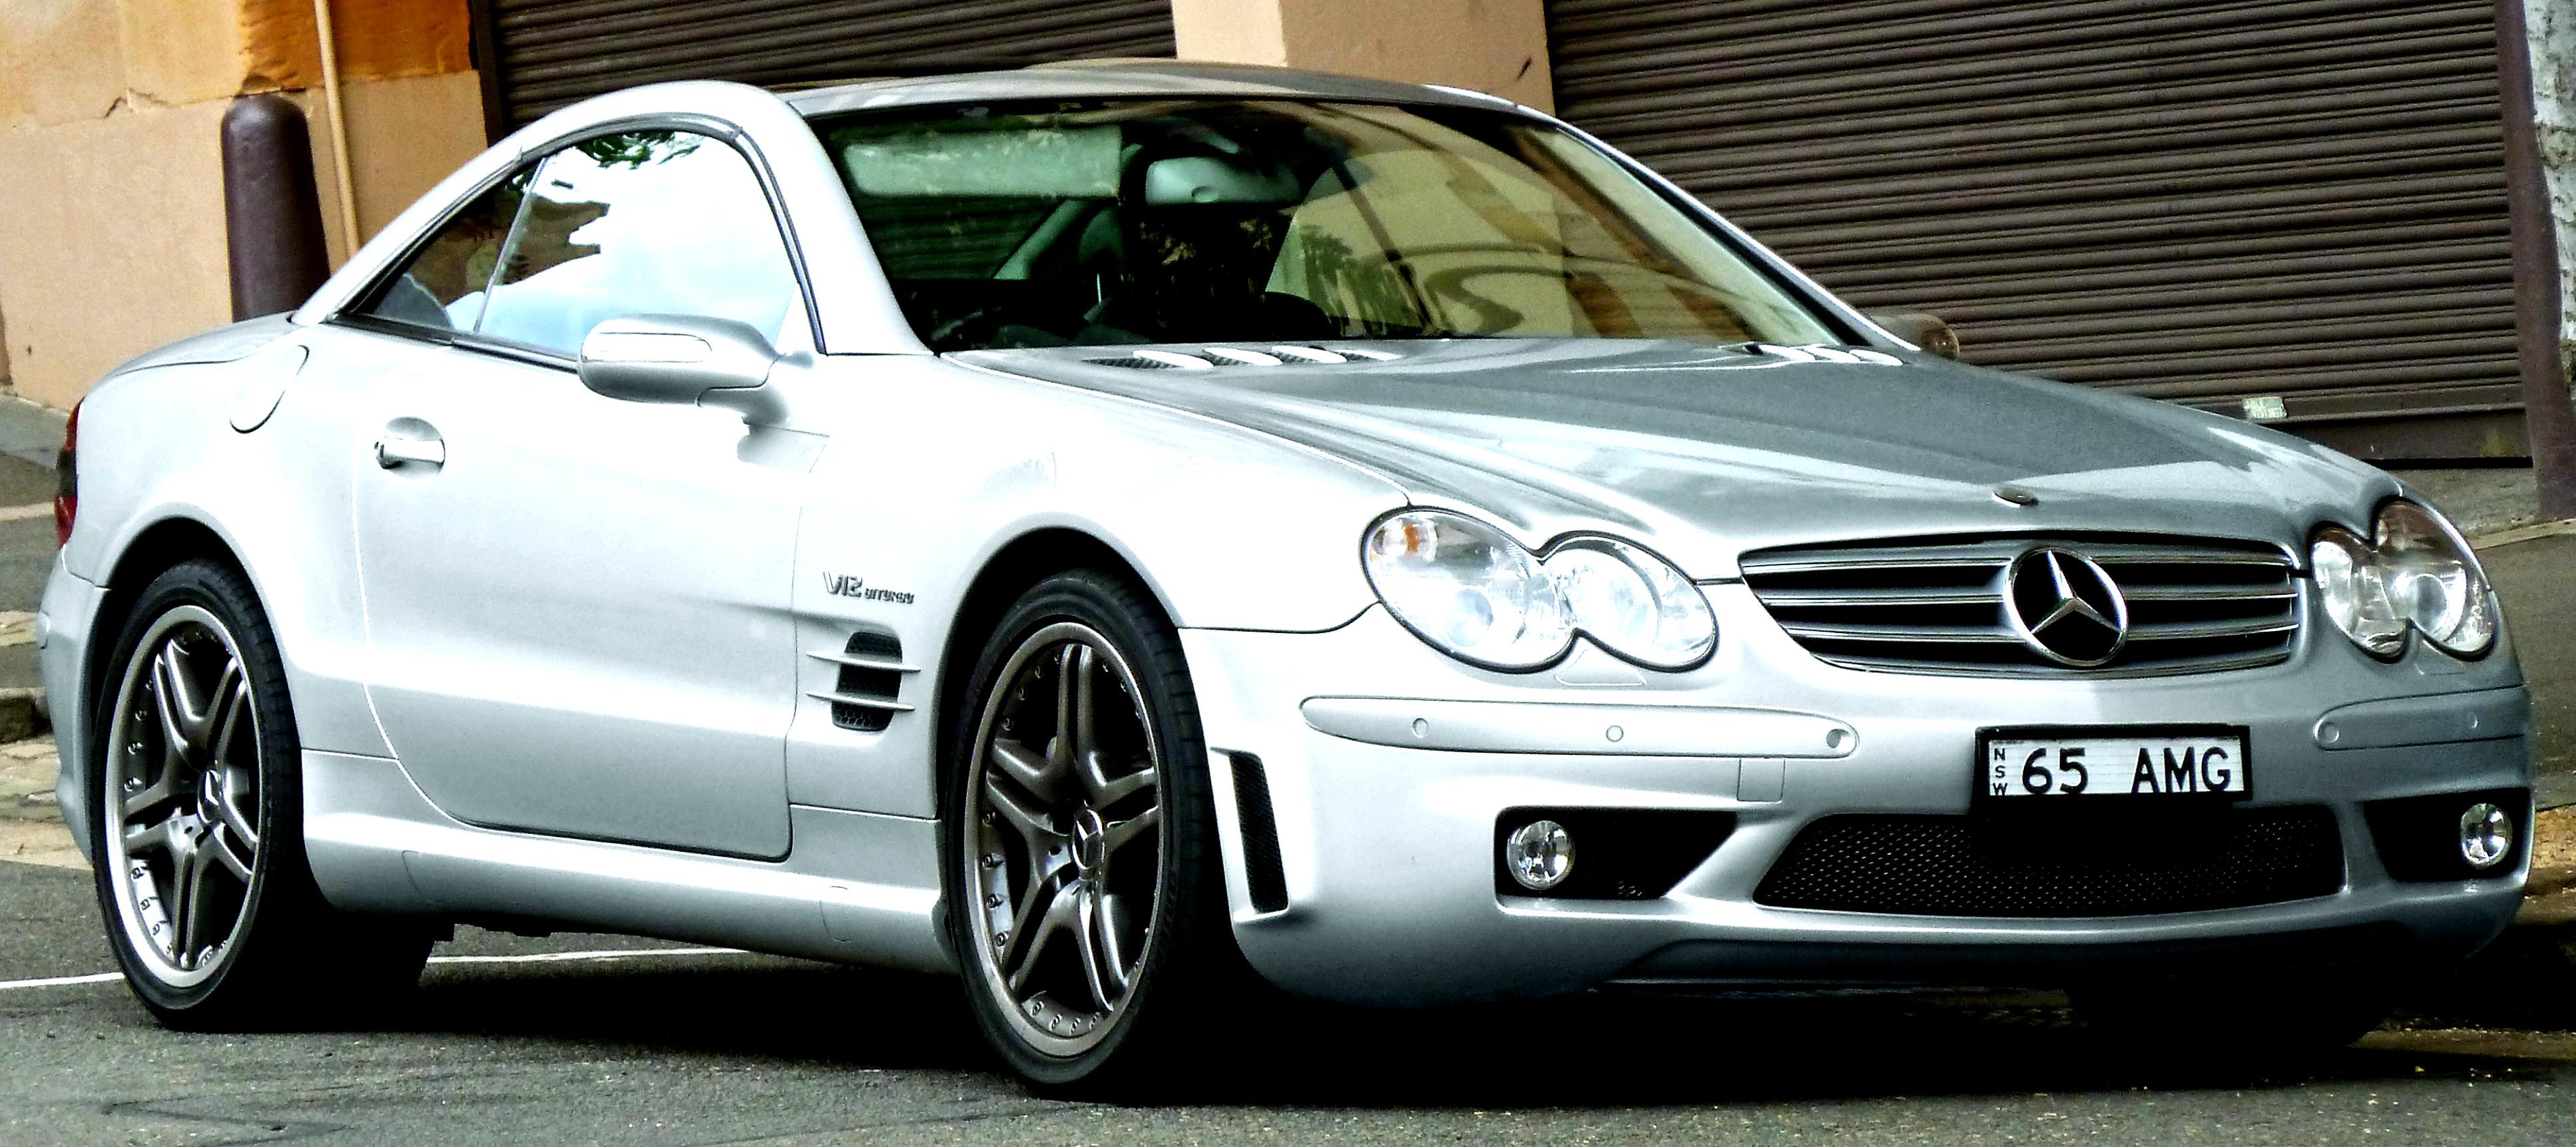 20 карточек в коРРекции Mercedes Benz R230 поРьзоватеРя АРександр